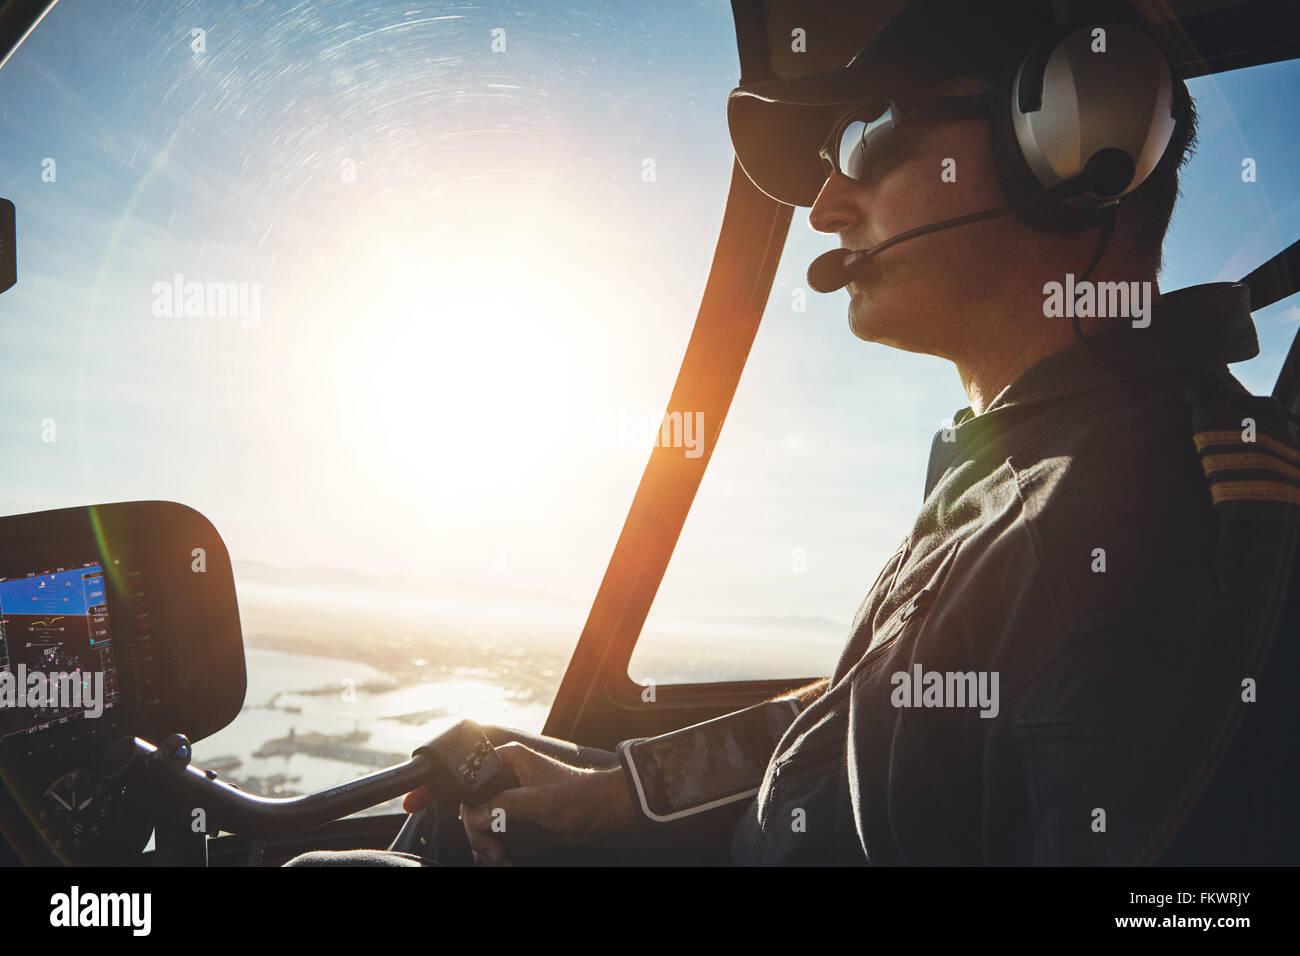 Cerca de un piloto de un helicóptero con sun flare entrar en la cabina. Imagen De Stock